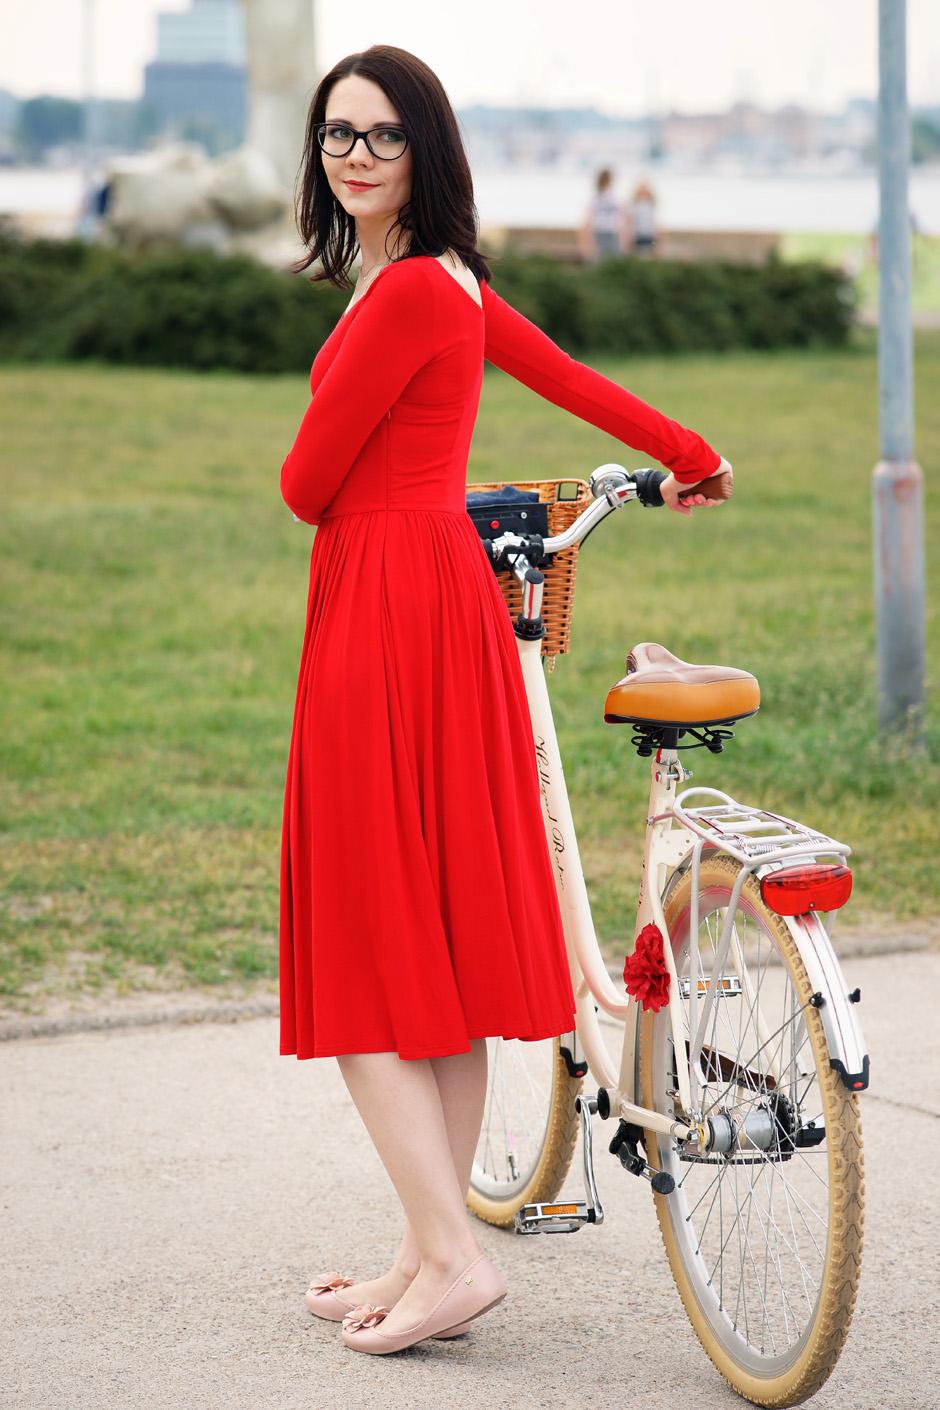 sukienka czerwona risk made in warsaw gotowa na wszystko, pudrowo różowe zaxy (11)